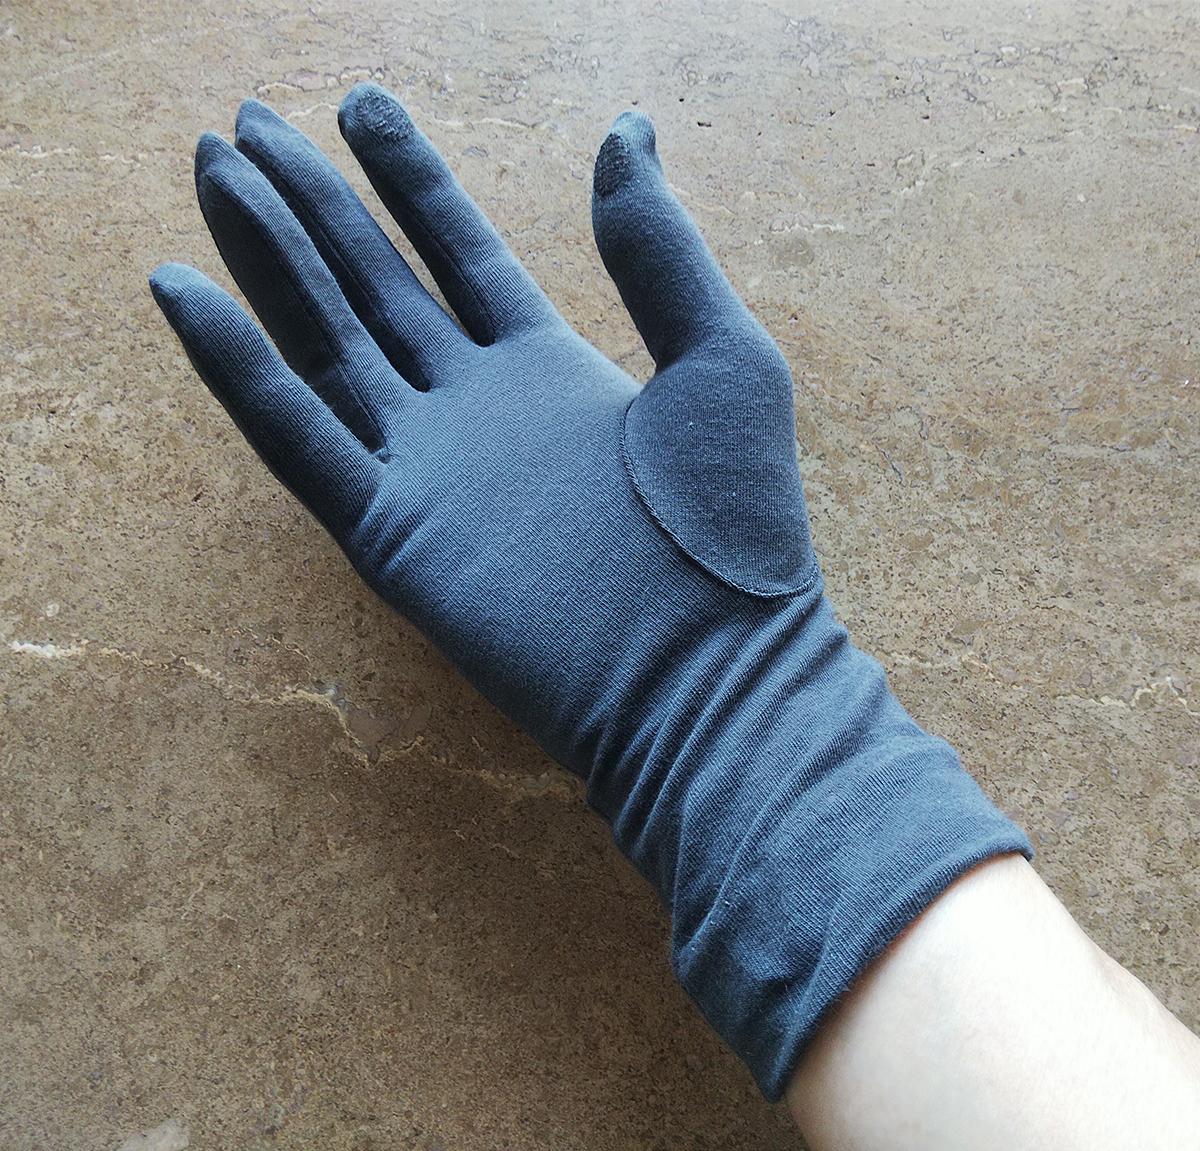 Doガード・抗ウイルス手袋(手のひら)